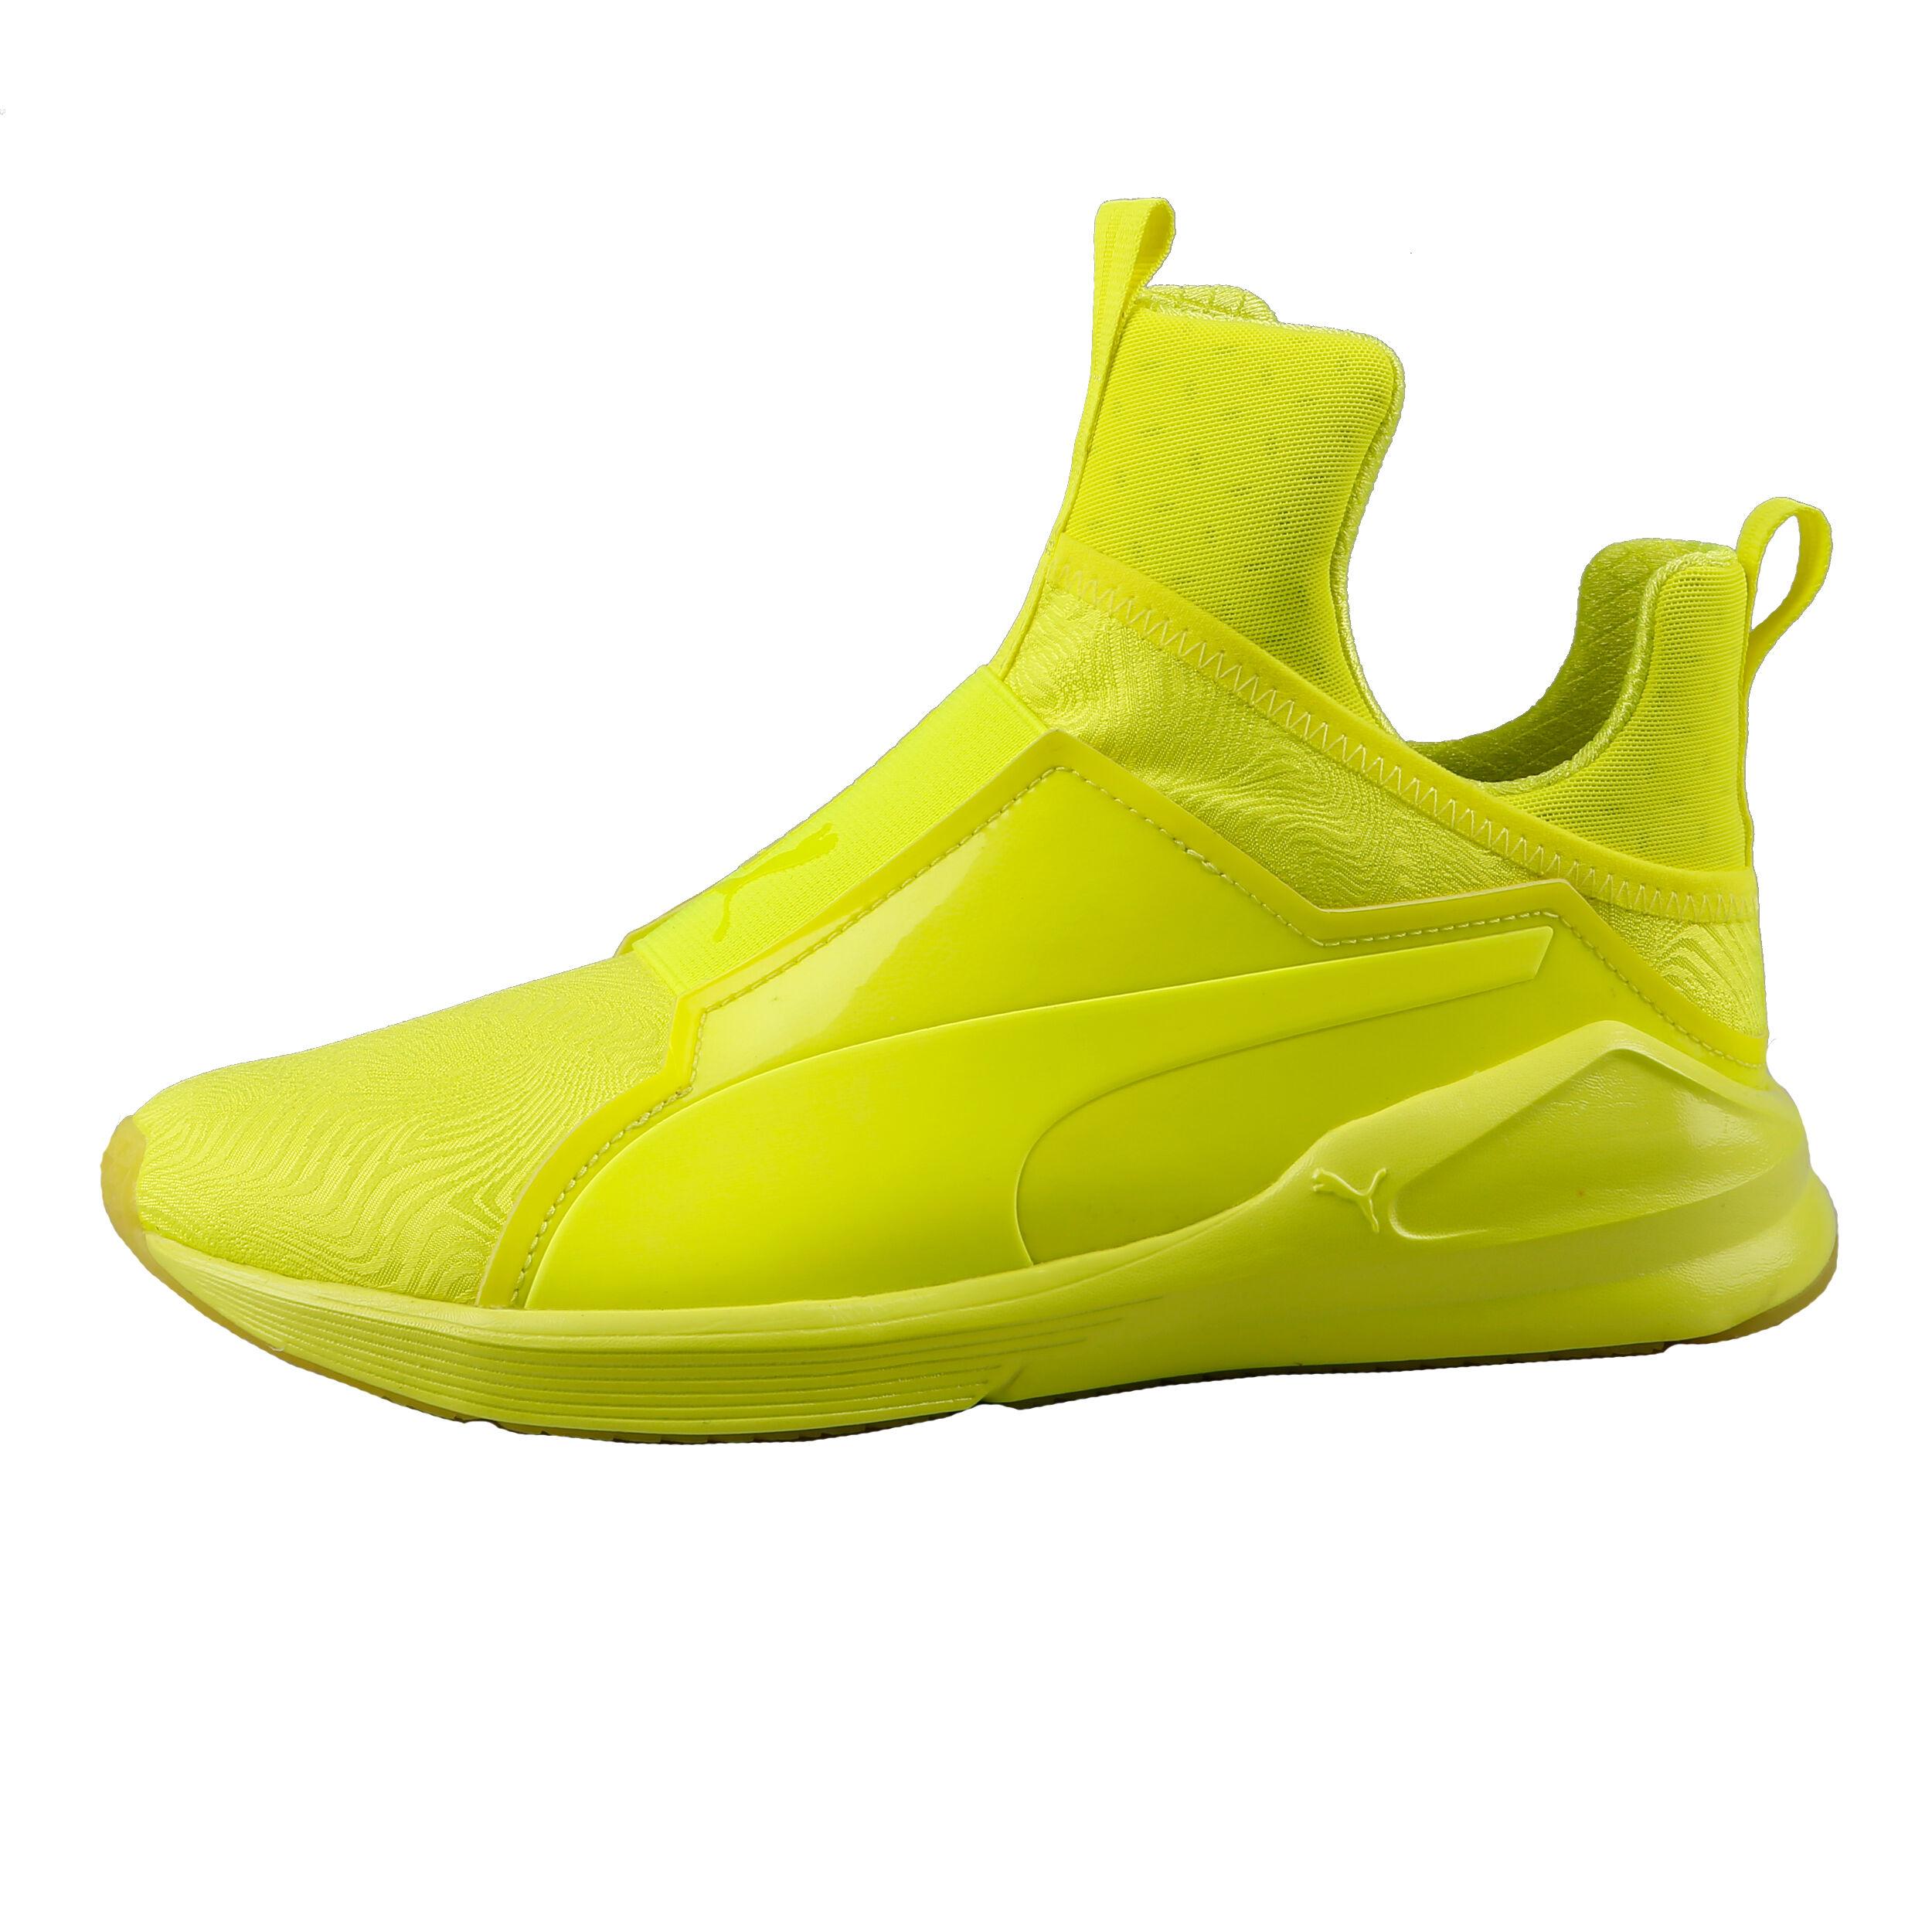 Puma Fierce Bright Fitness Shoe Women